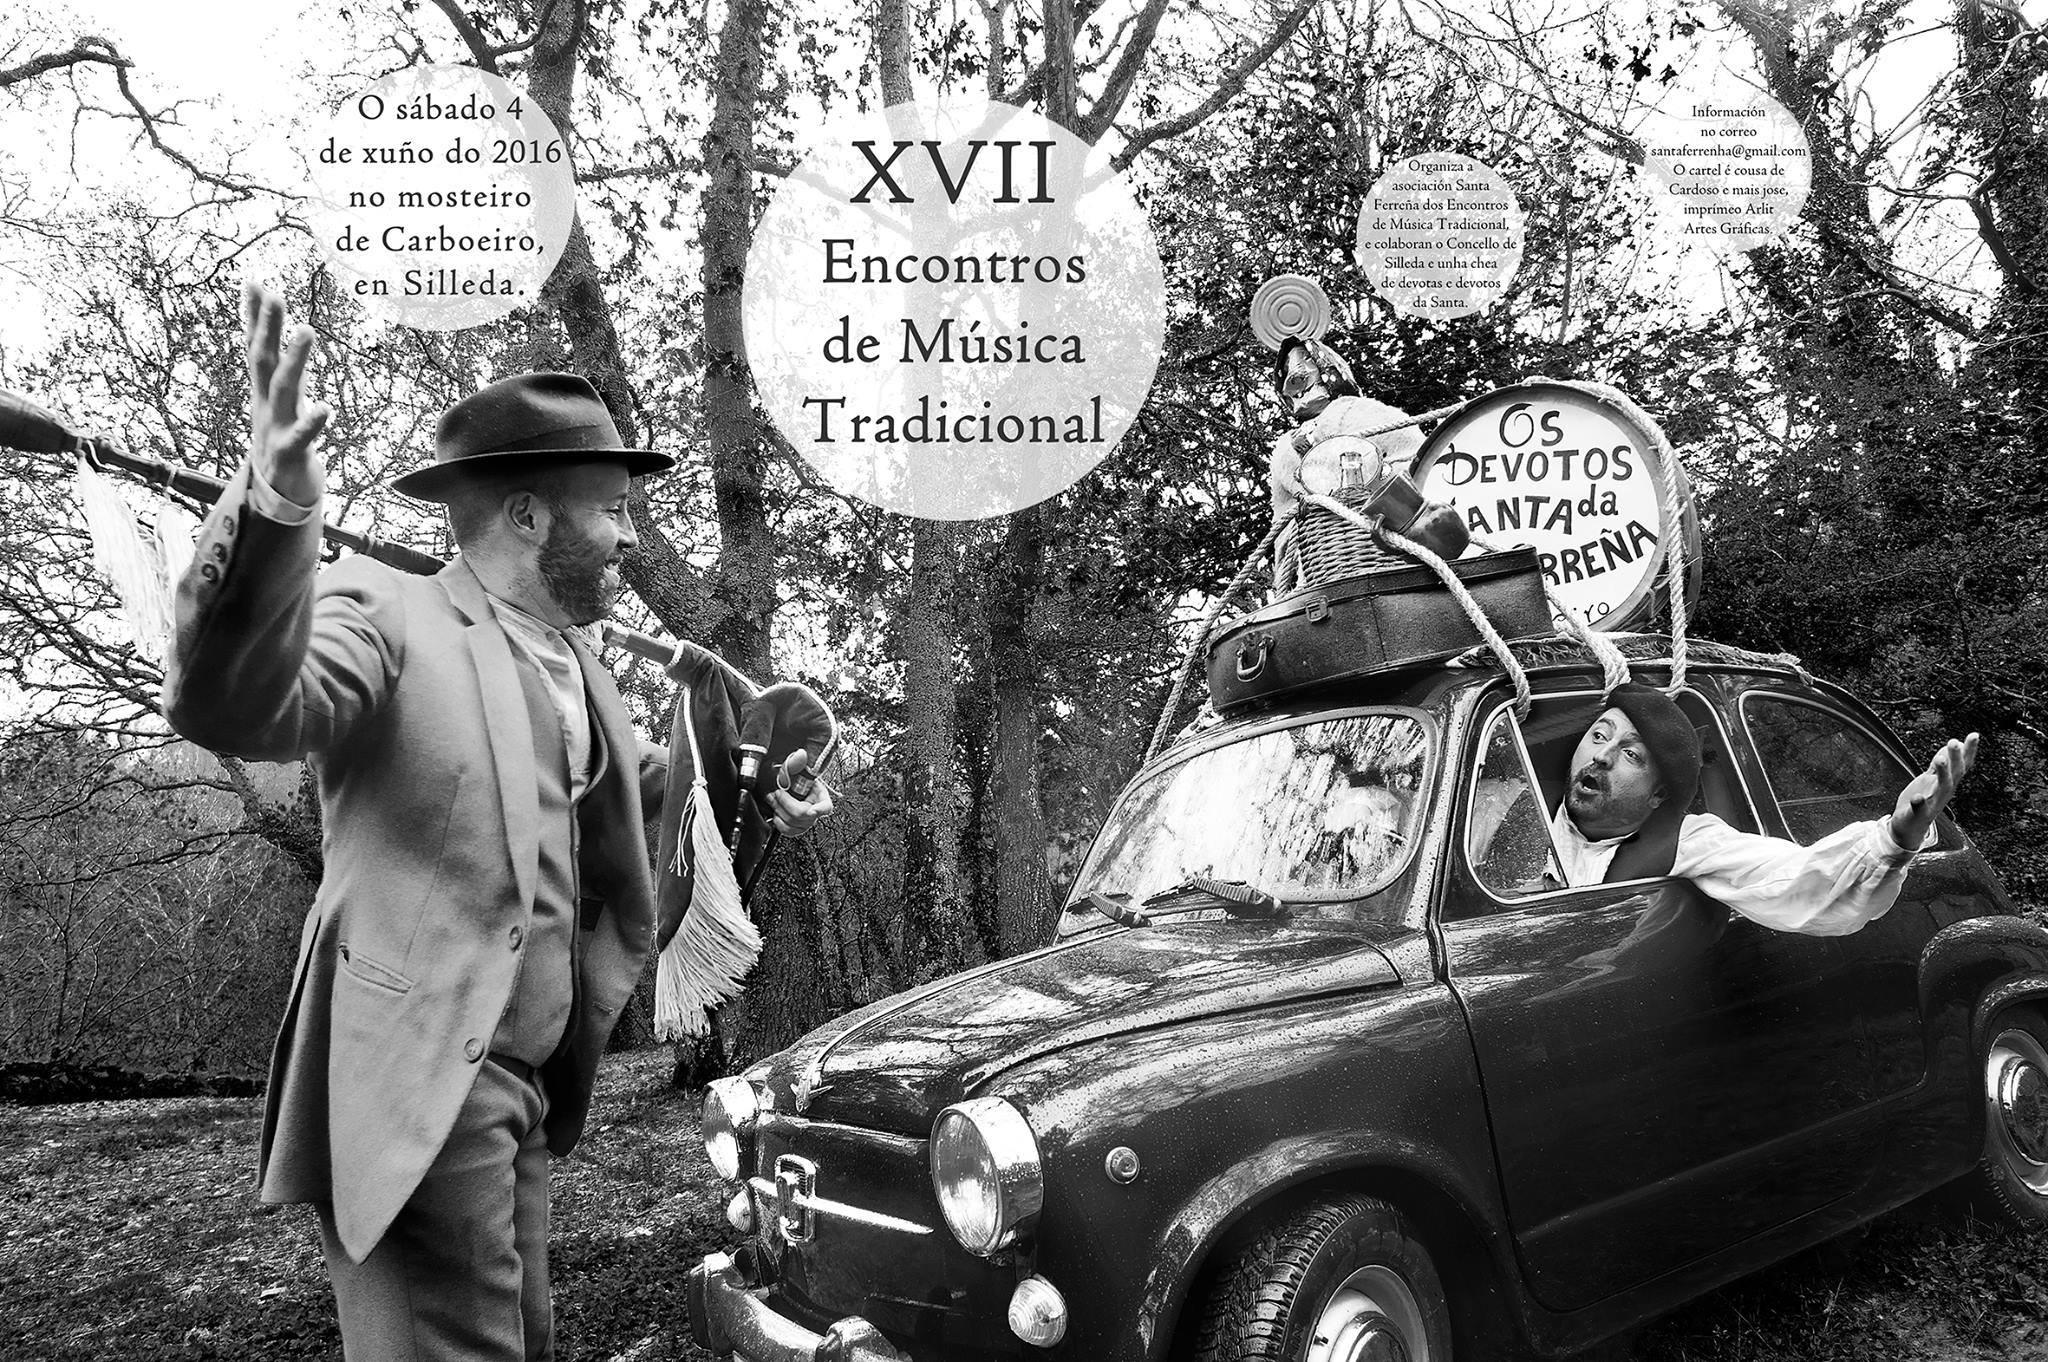 """""""XVII Encontros de Música Tradicional"""" en Silleda"""